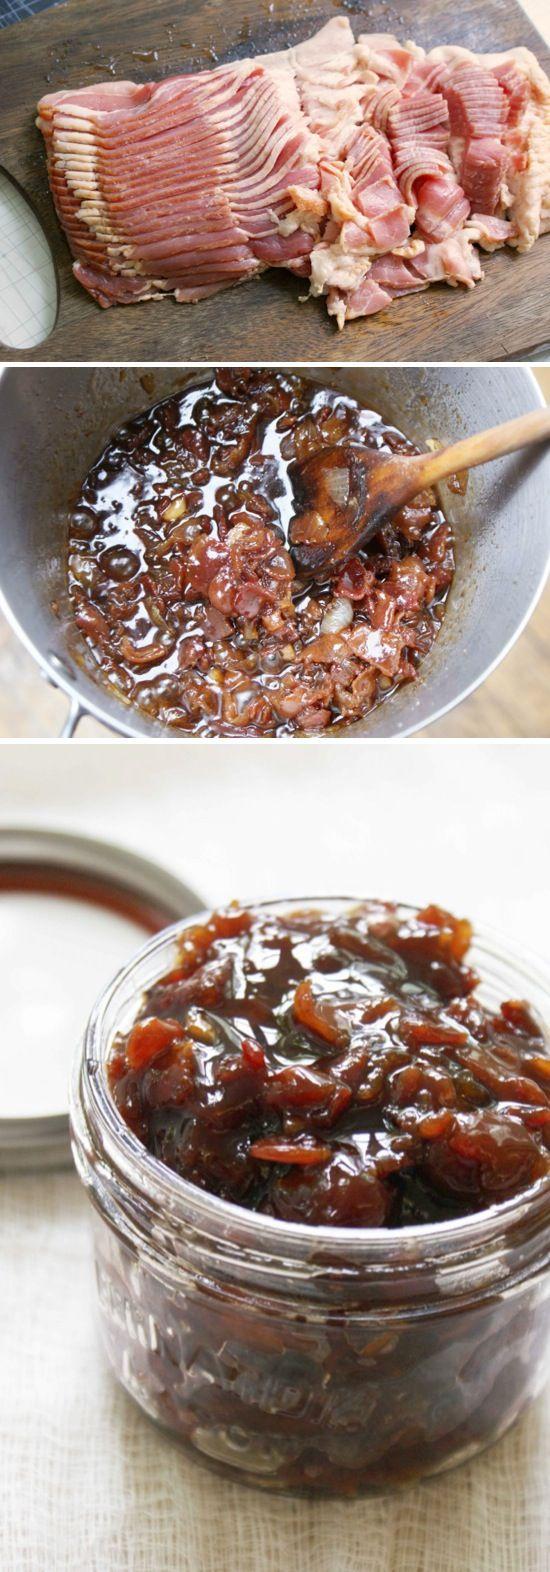 Speck Jam 1 £ Speck, 1 kleine Zwiebel,gehackt 4-5 Knoblauch gehackt 1/2 Tasse brauner Zucker 1/2 Tasse Kaffee (heiß oder kalt) 1/4 Tasse Ahornsirup 1 Essl. Balsamico-(optional) 1 Essl. körniger Senf (optional) Speck grob hacken und anbraten, herausnehmen, Bratfett abgießen. Die Zwiebel und Knoblauch in den Rest für 5 Minuten geben.Jetzt Speck hinzufügen, auch braunen Zucker, Kaffee, Ahornsirup, Essig und Senf und bei mittlerer Hitze kochen bis eine Feste Konsistenz entsteht.